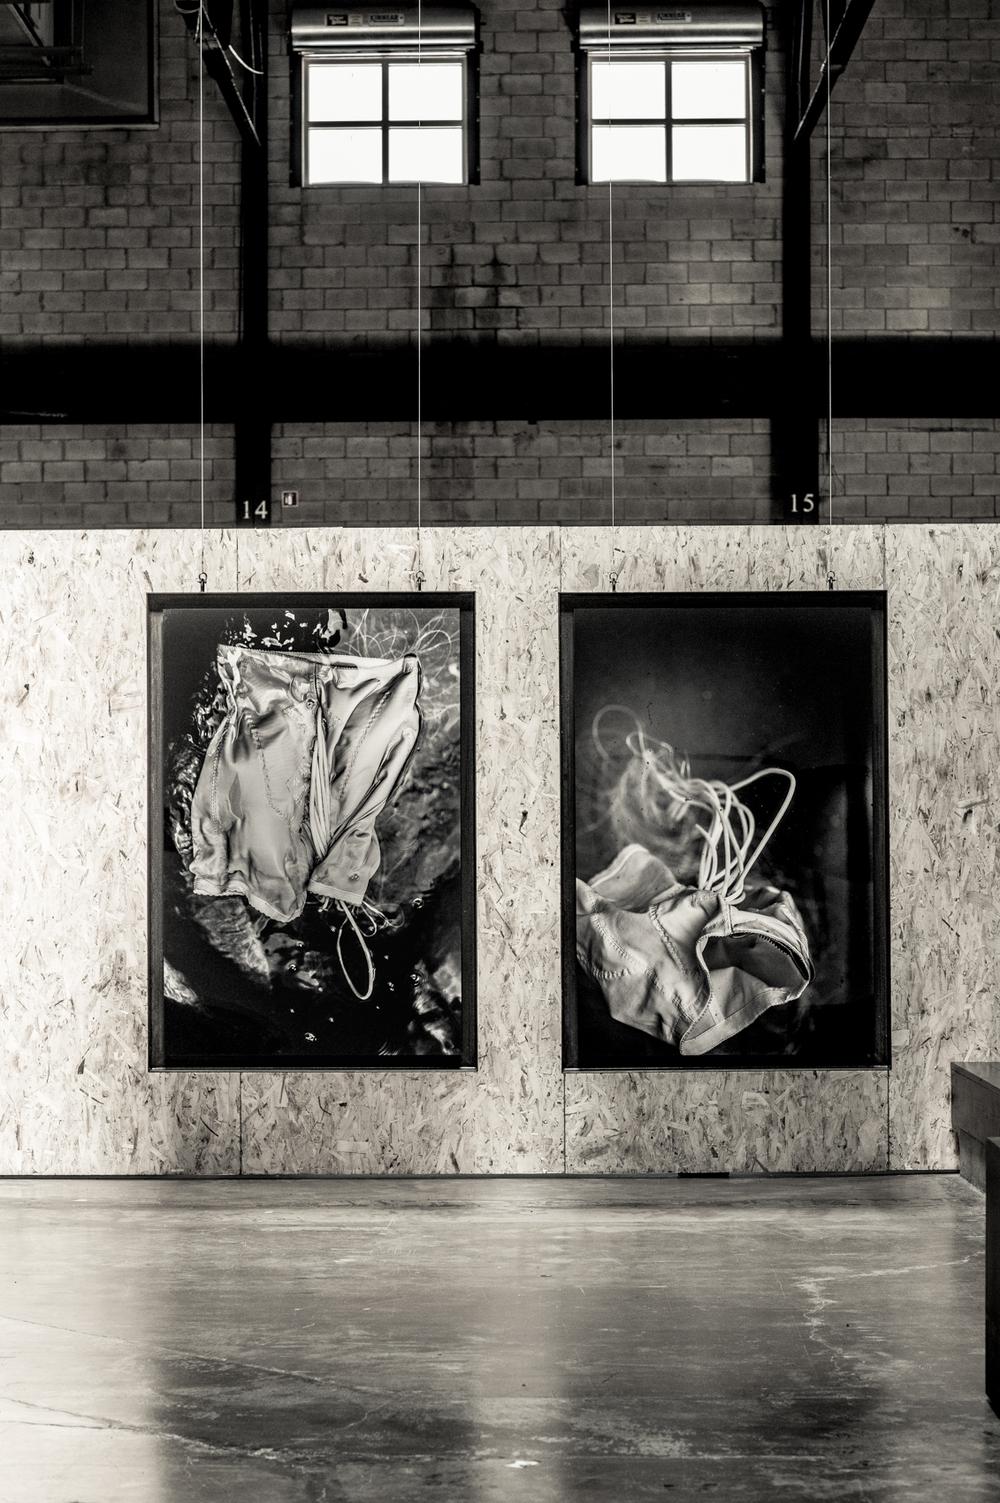 Un mot de l'artiste  Soif [série méduses] est une série d'épreuves photographiques élaborées à partir d'accessoires conçus pour le tournage de y2o. Évocations multiples du désir, de la soif de l'autre. Tensions corporelles, pulsions du plexus, sinueuses & électriques, fluides et glacées, telles des méduses.